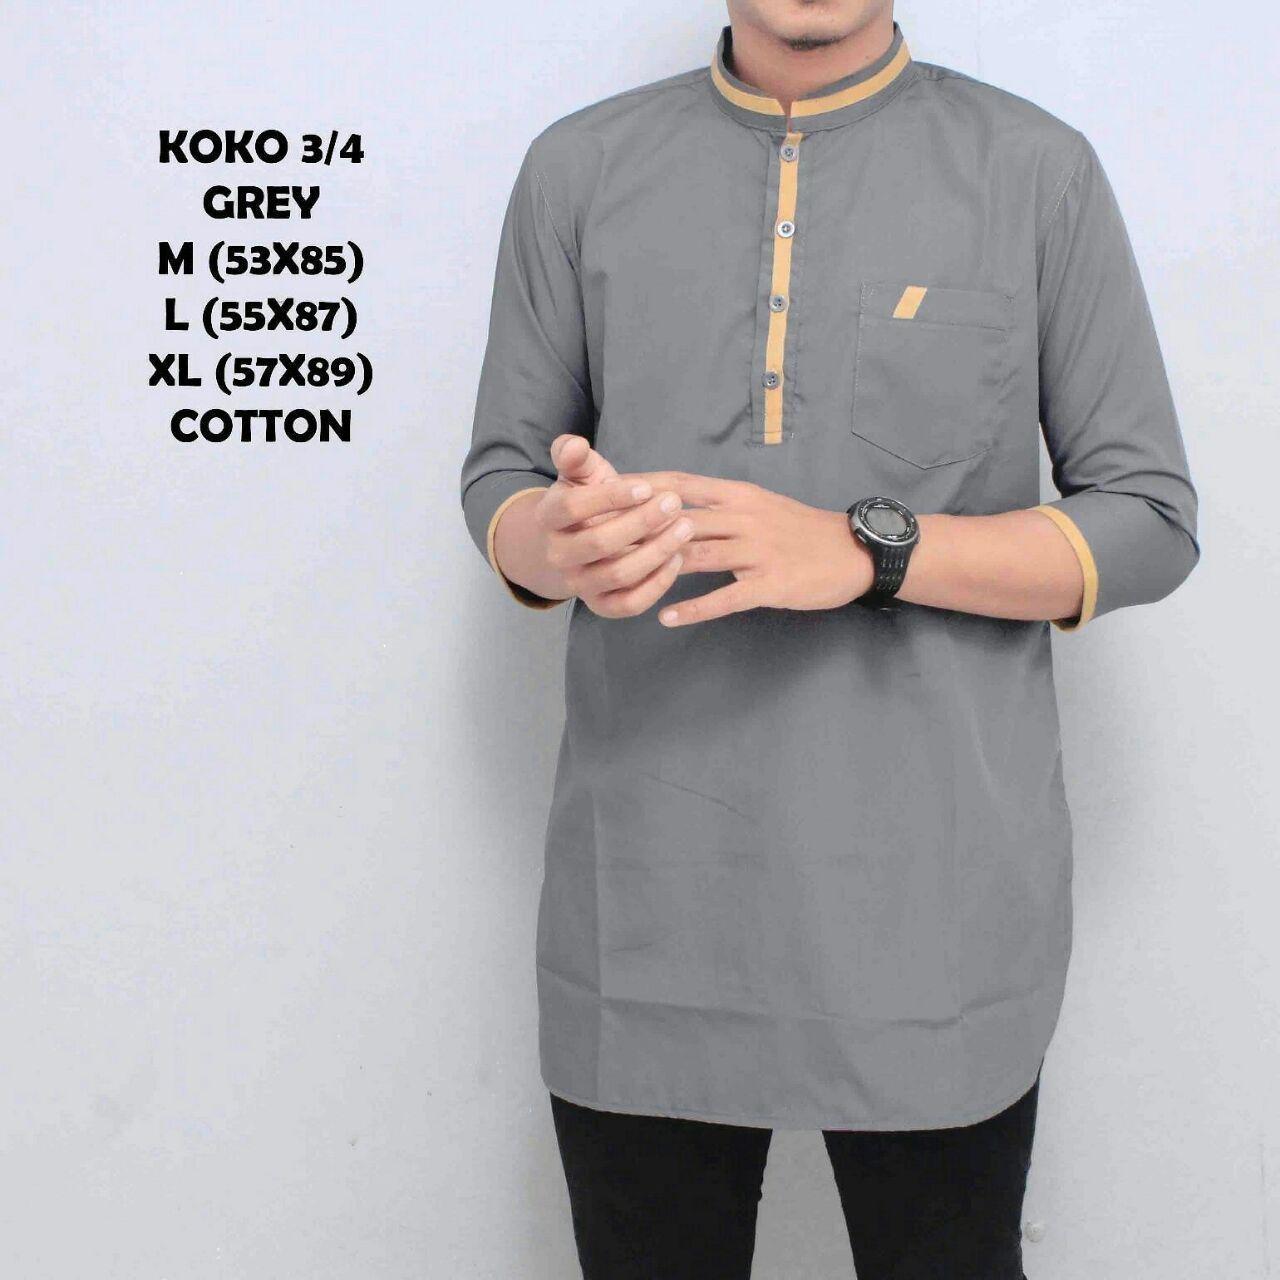 Gudang Fashion - Baju Koko Fashion - Hijau Lumut KOKO PAKISTAN / KEMEJA MUSLIM PRIA /